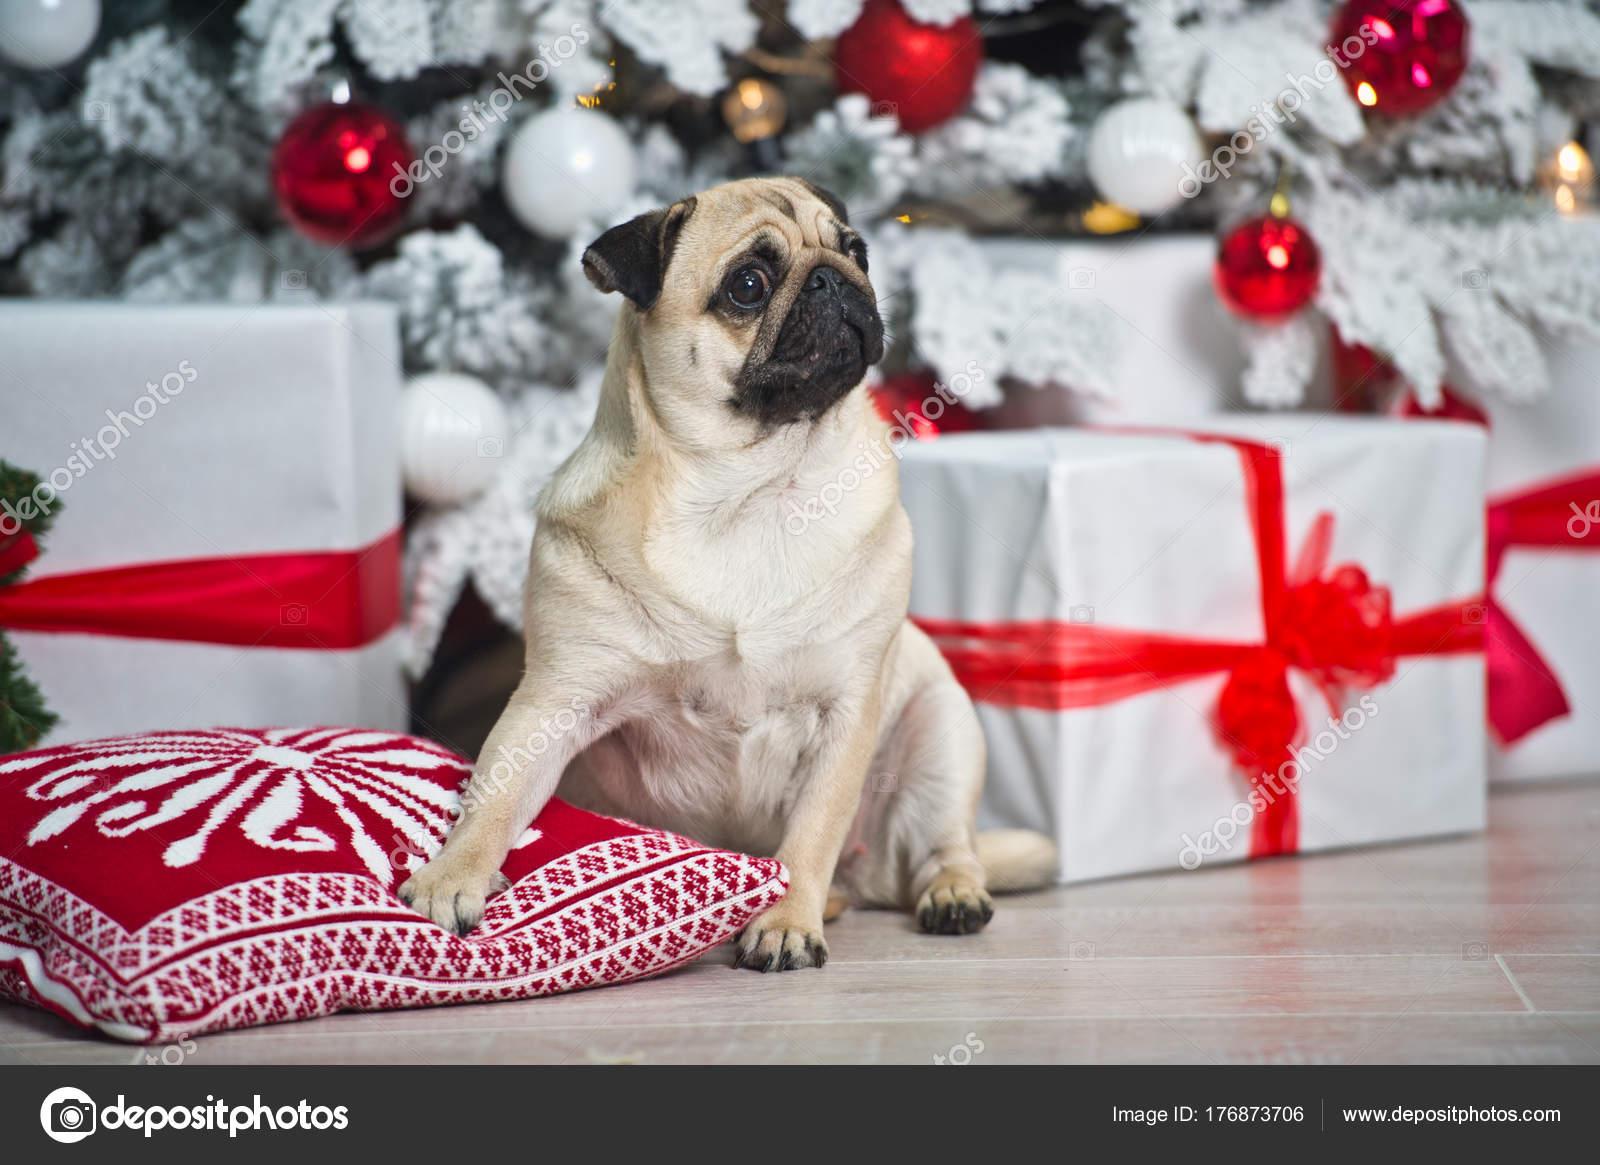 Mops Bilder Weihnachten.Hund Mops Auf Stuhl Mit Präsentiert Konzepte Von Weihnachten Jahr